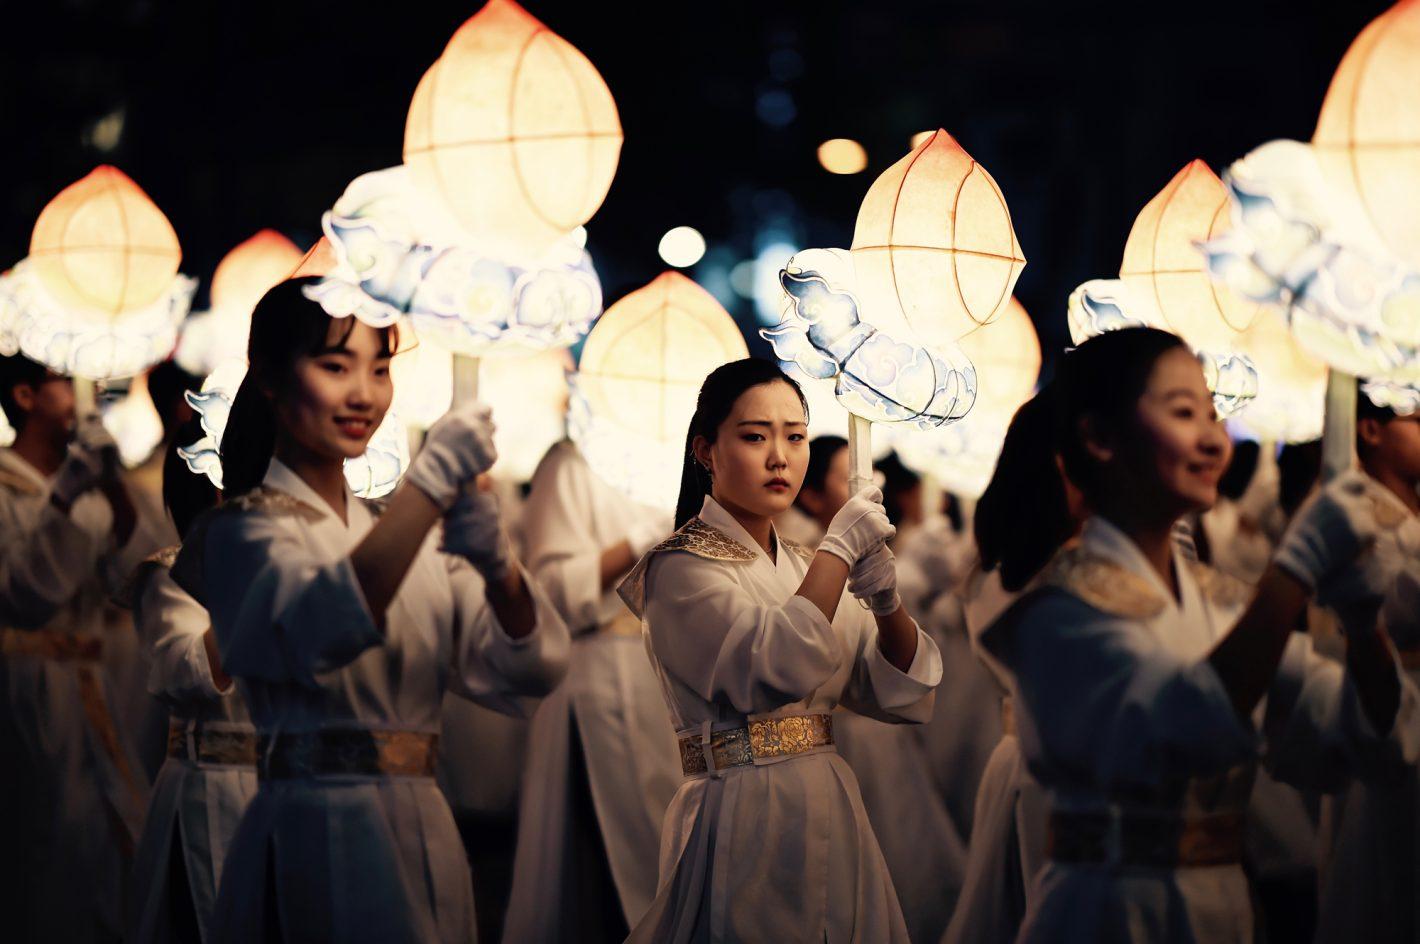 Philippe Pinton : Défilé des lanternes - Séoul